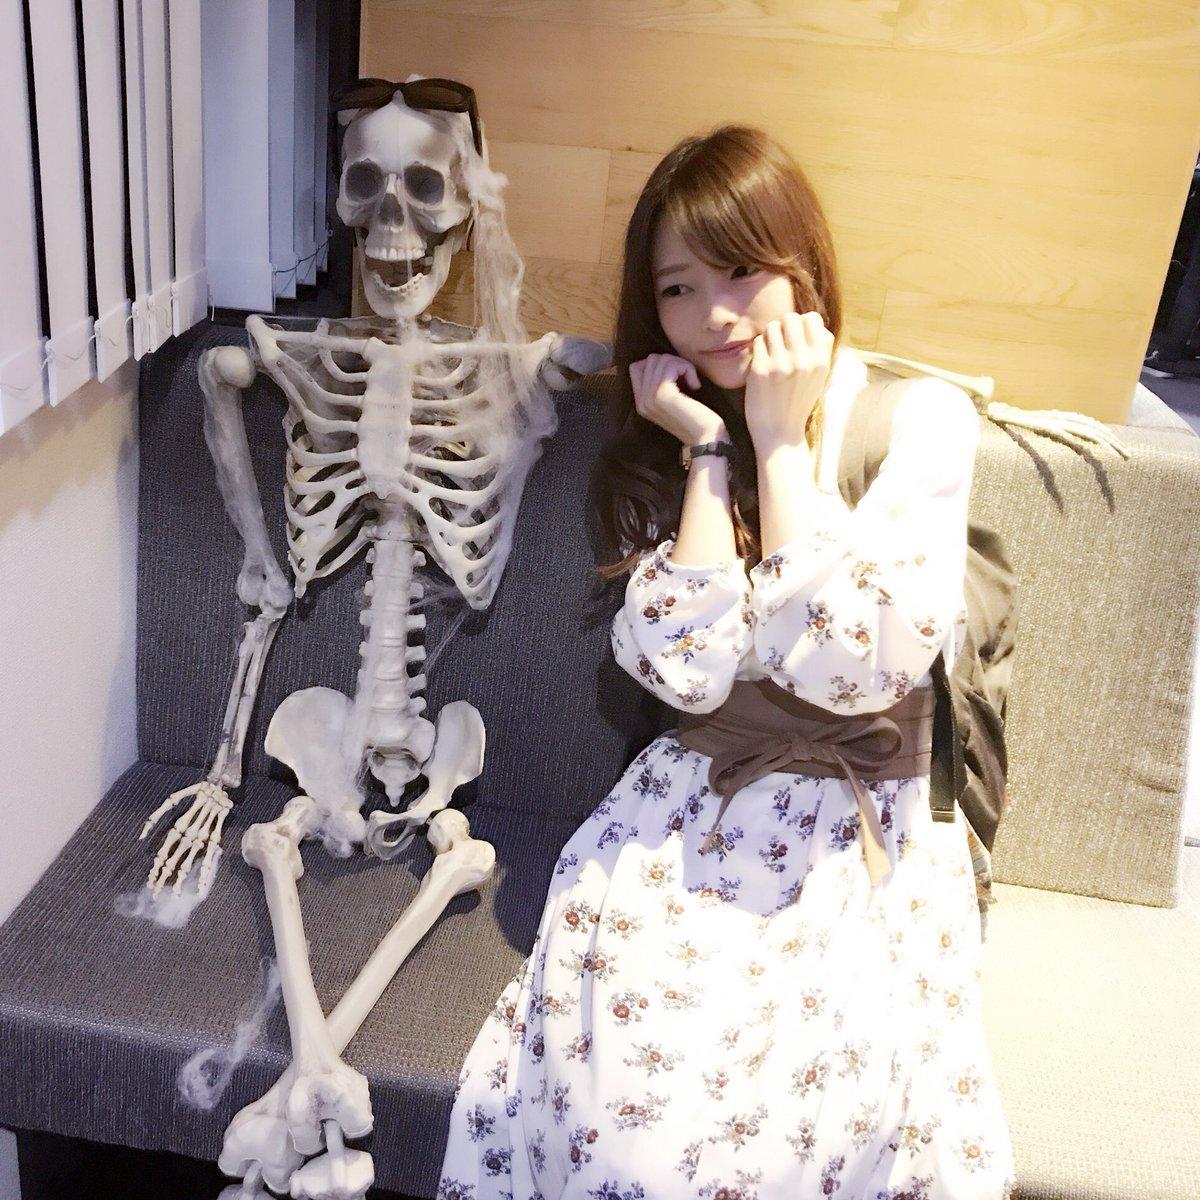 今日はハロウィン♡コスプレしてる人はいっぱいいるけど、めっちゃ身を削ってる方がいたから、いっしょに写真撮ってもらっちゃった〜♡